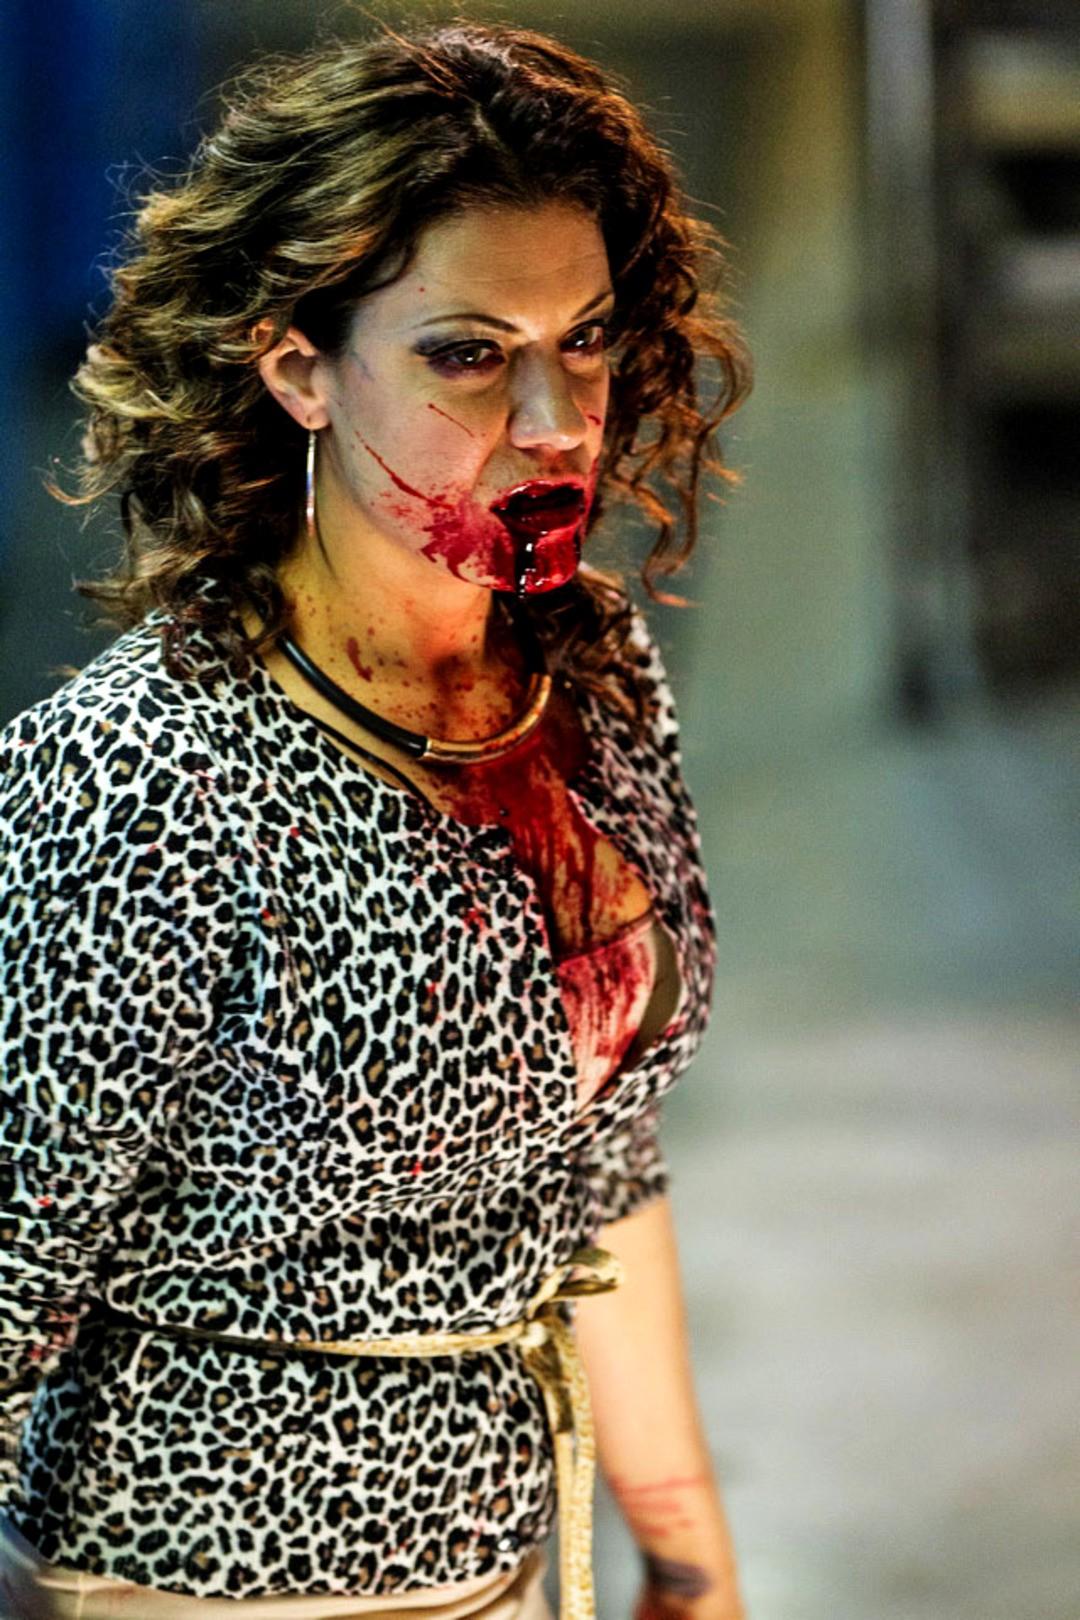 The Night Watchmen: Trailer zum Horror-Splatter - Bild 4 von 8